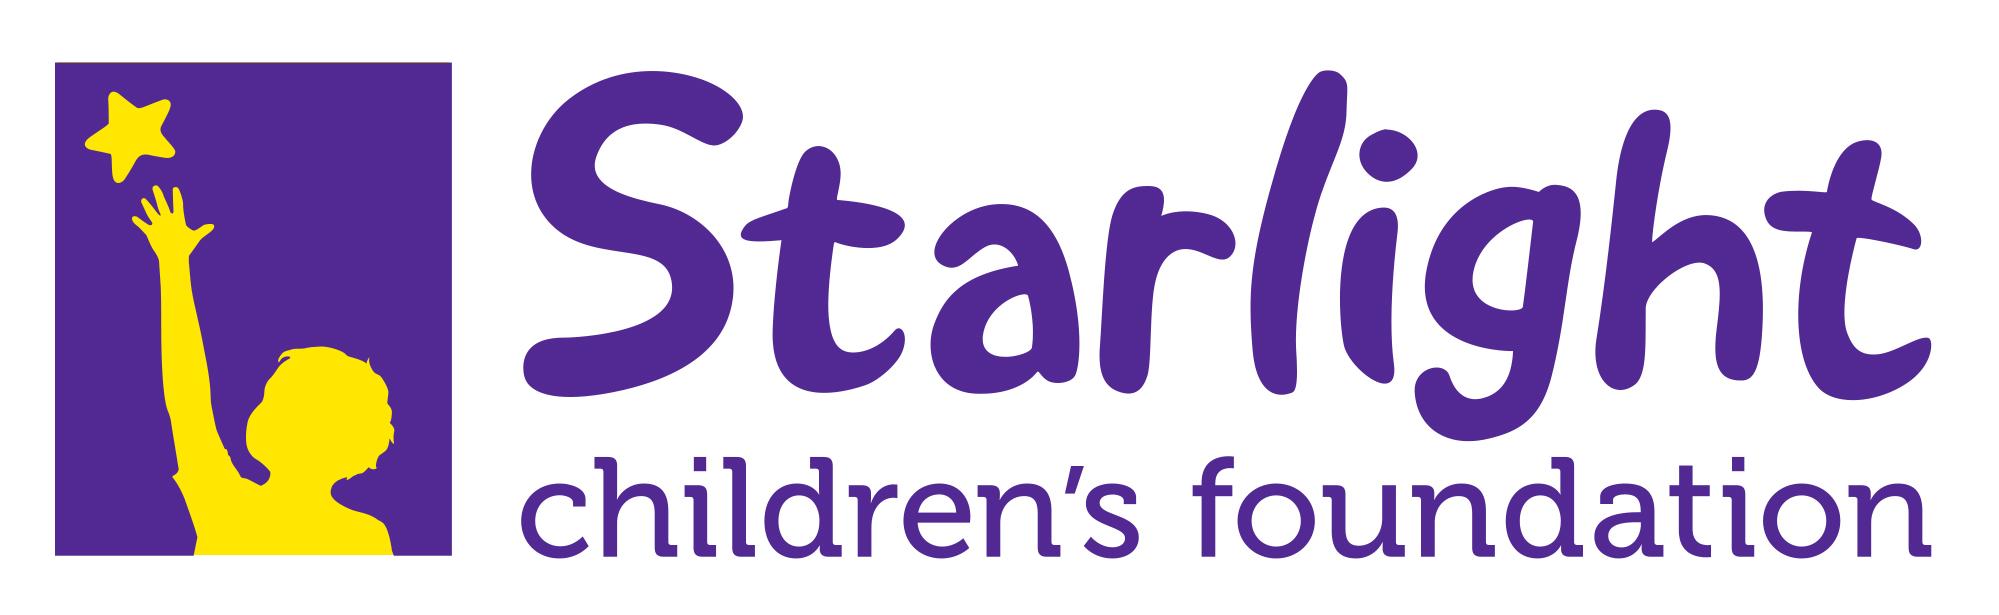 Starlight foundation logo